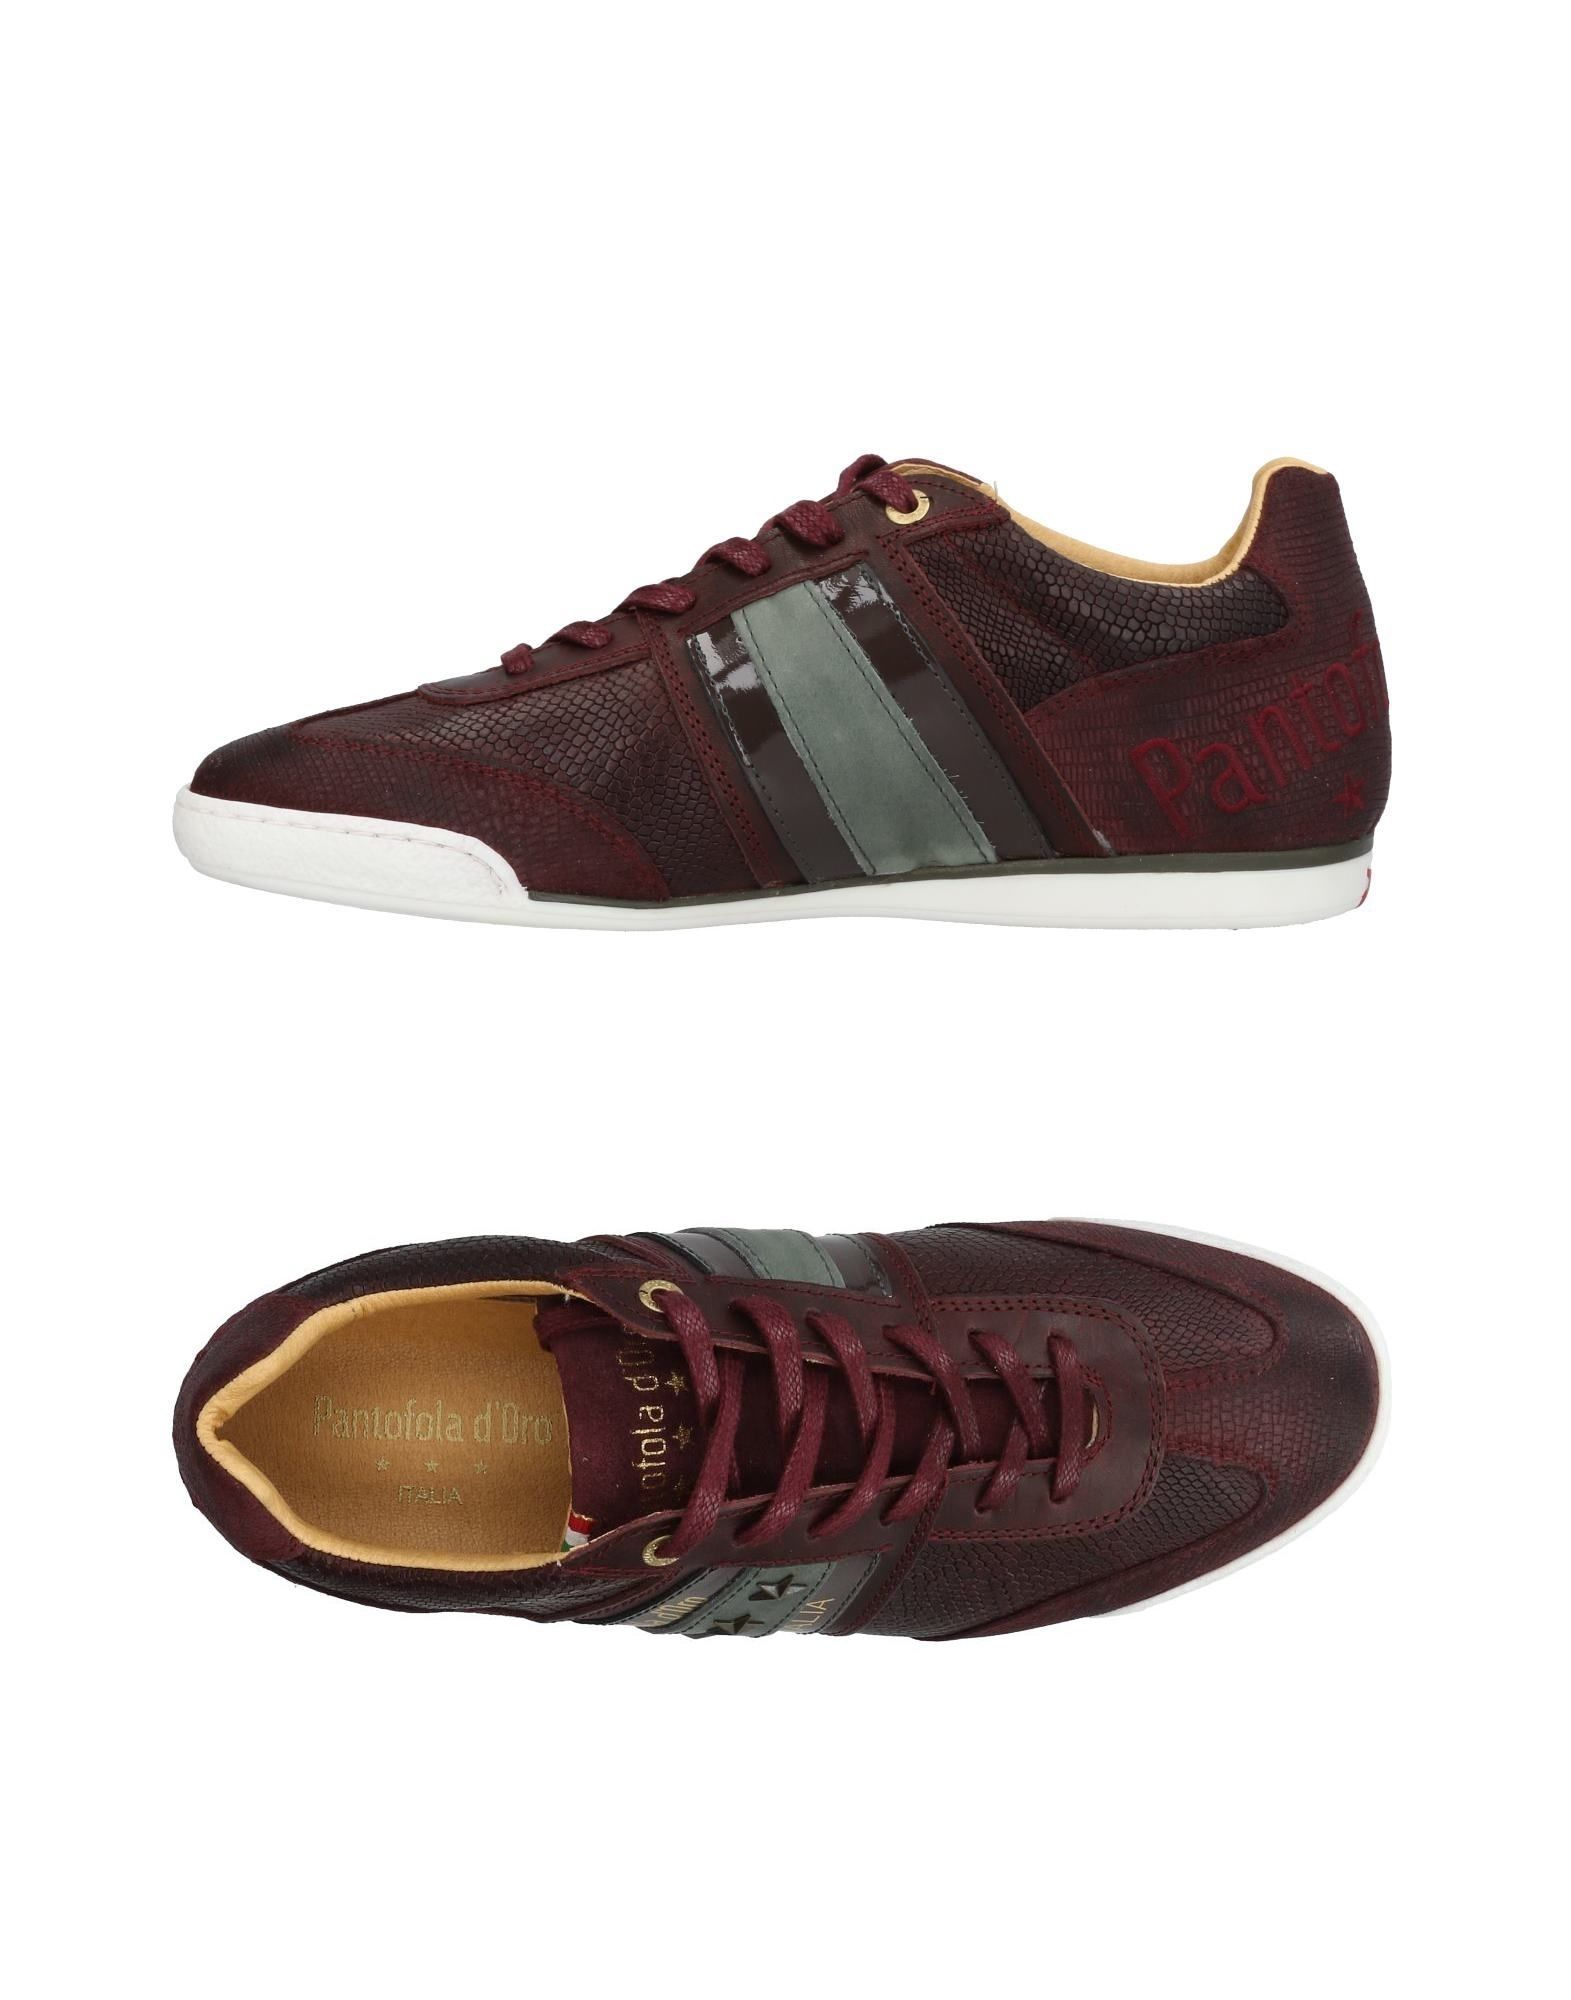 Rabatt Sneakers echte Schuhe Pantofola D'oro Sneakers Rabatt Herren  11456399KU dc8094